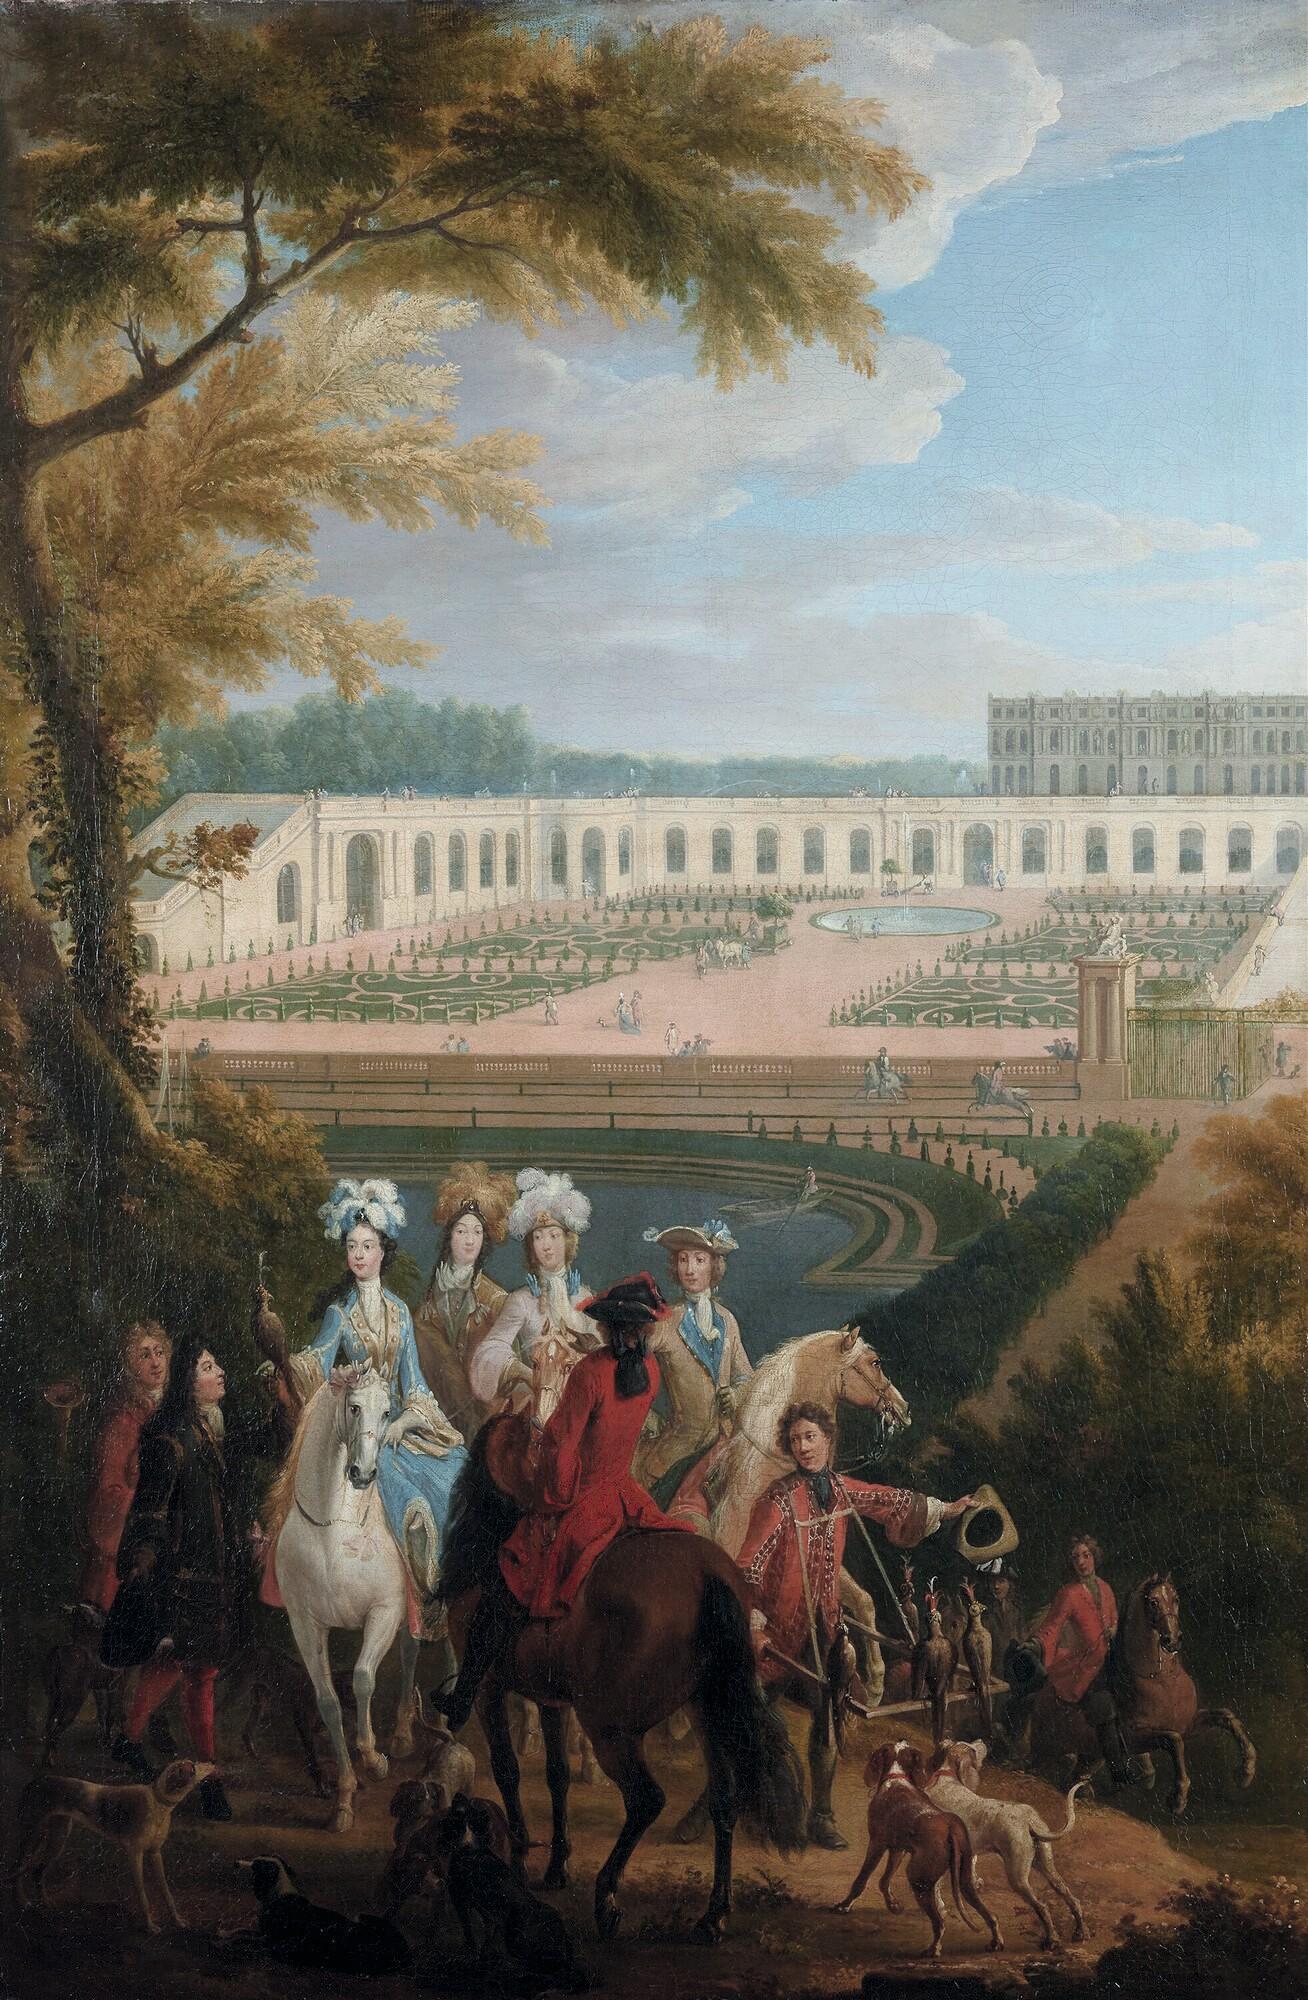 Pierre-Denis Martin, La Duchesse de Bourgogne partant chasser au faucon, v. 1780, huile sur toile, 122 x 78 cm, château de Versailles